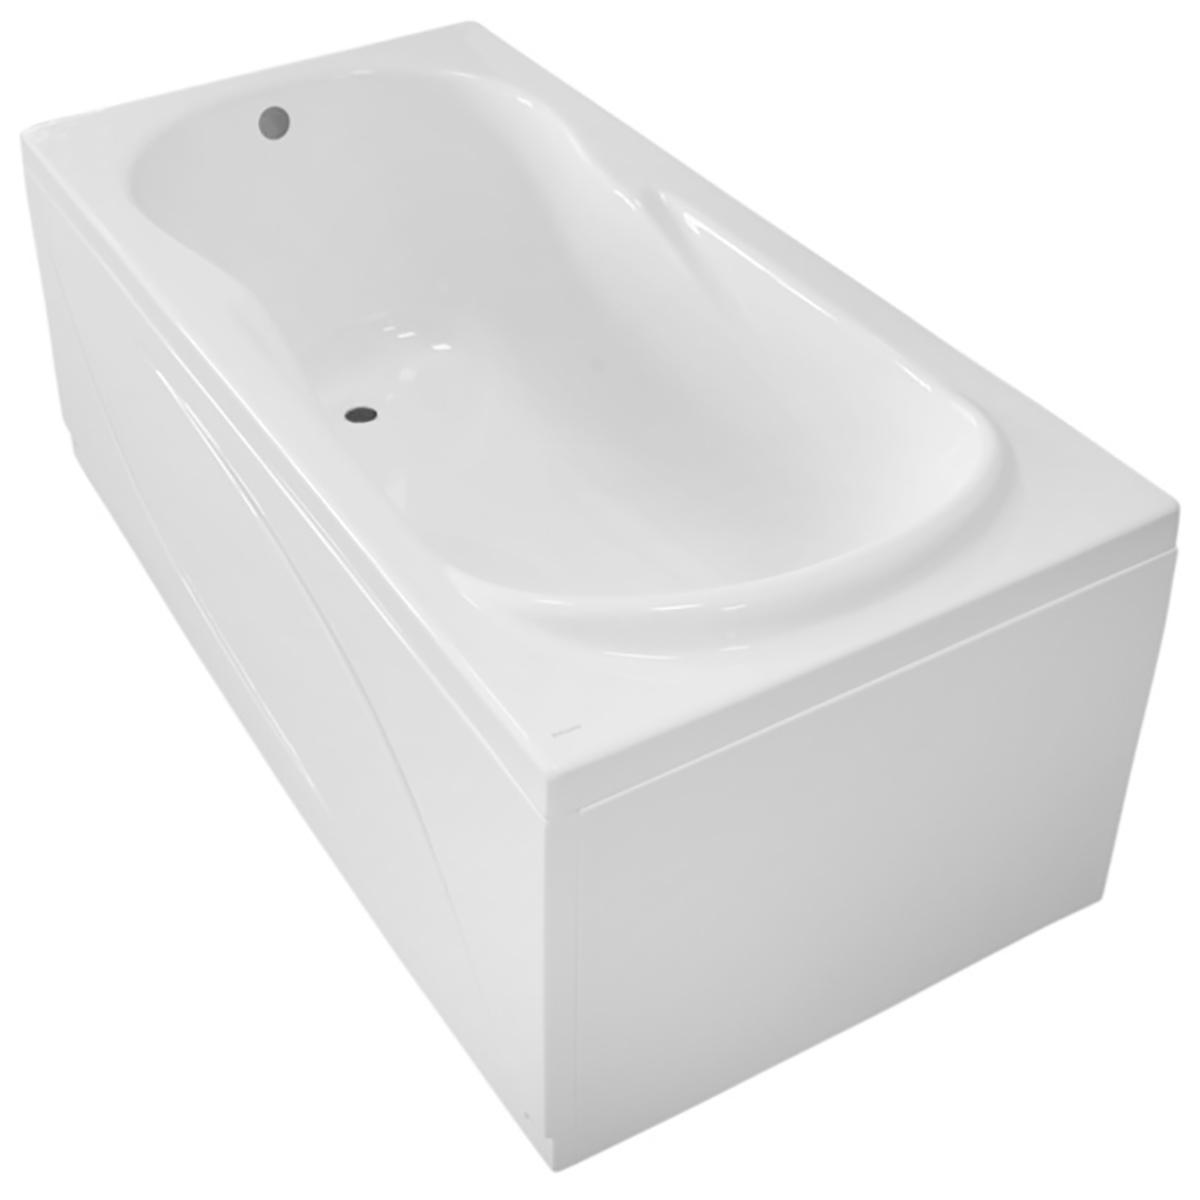 Купить Ванна прямоугольная акриловая Roca Uno ZRU9302870 (белая), 1700x750x500 мм — Фото №1